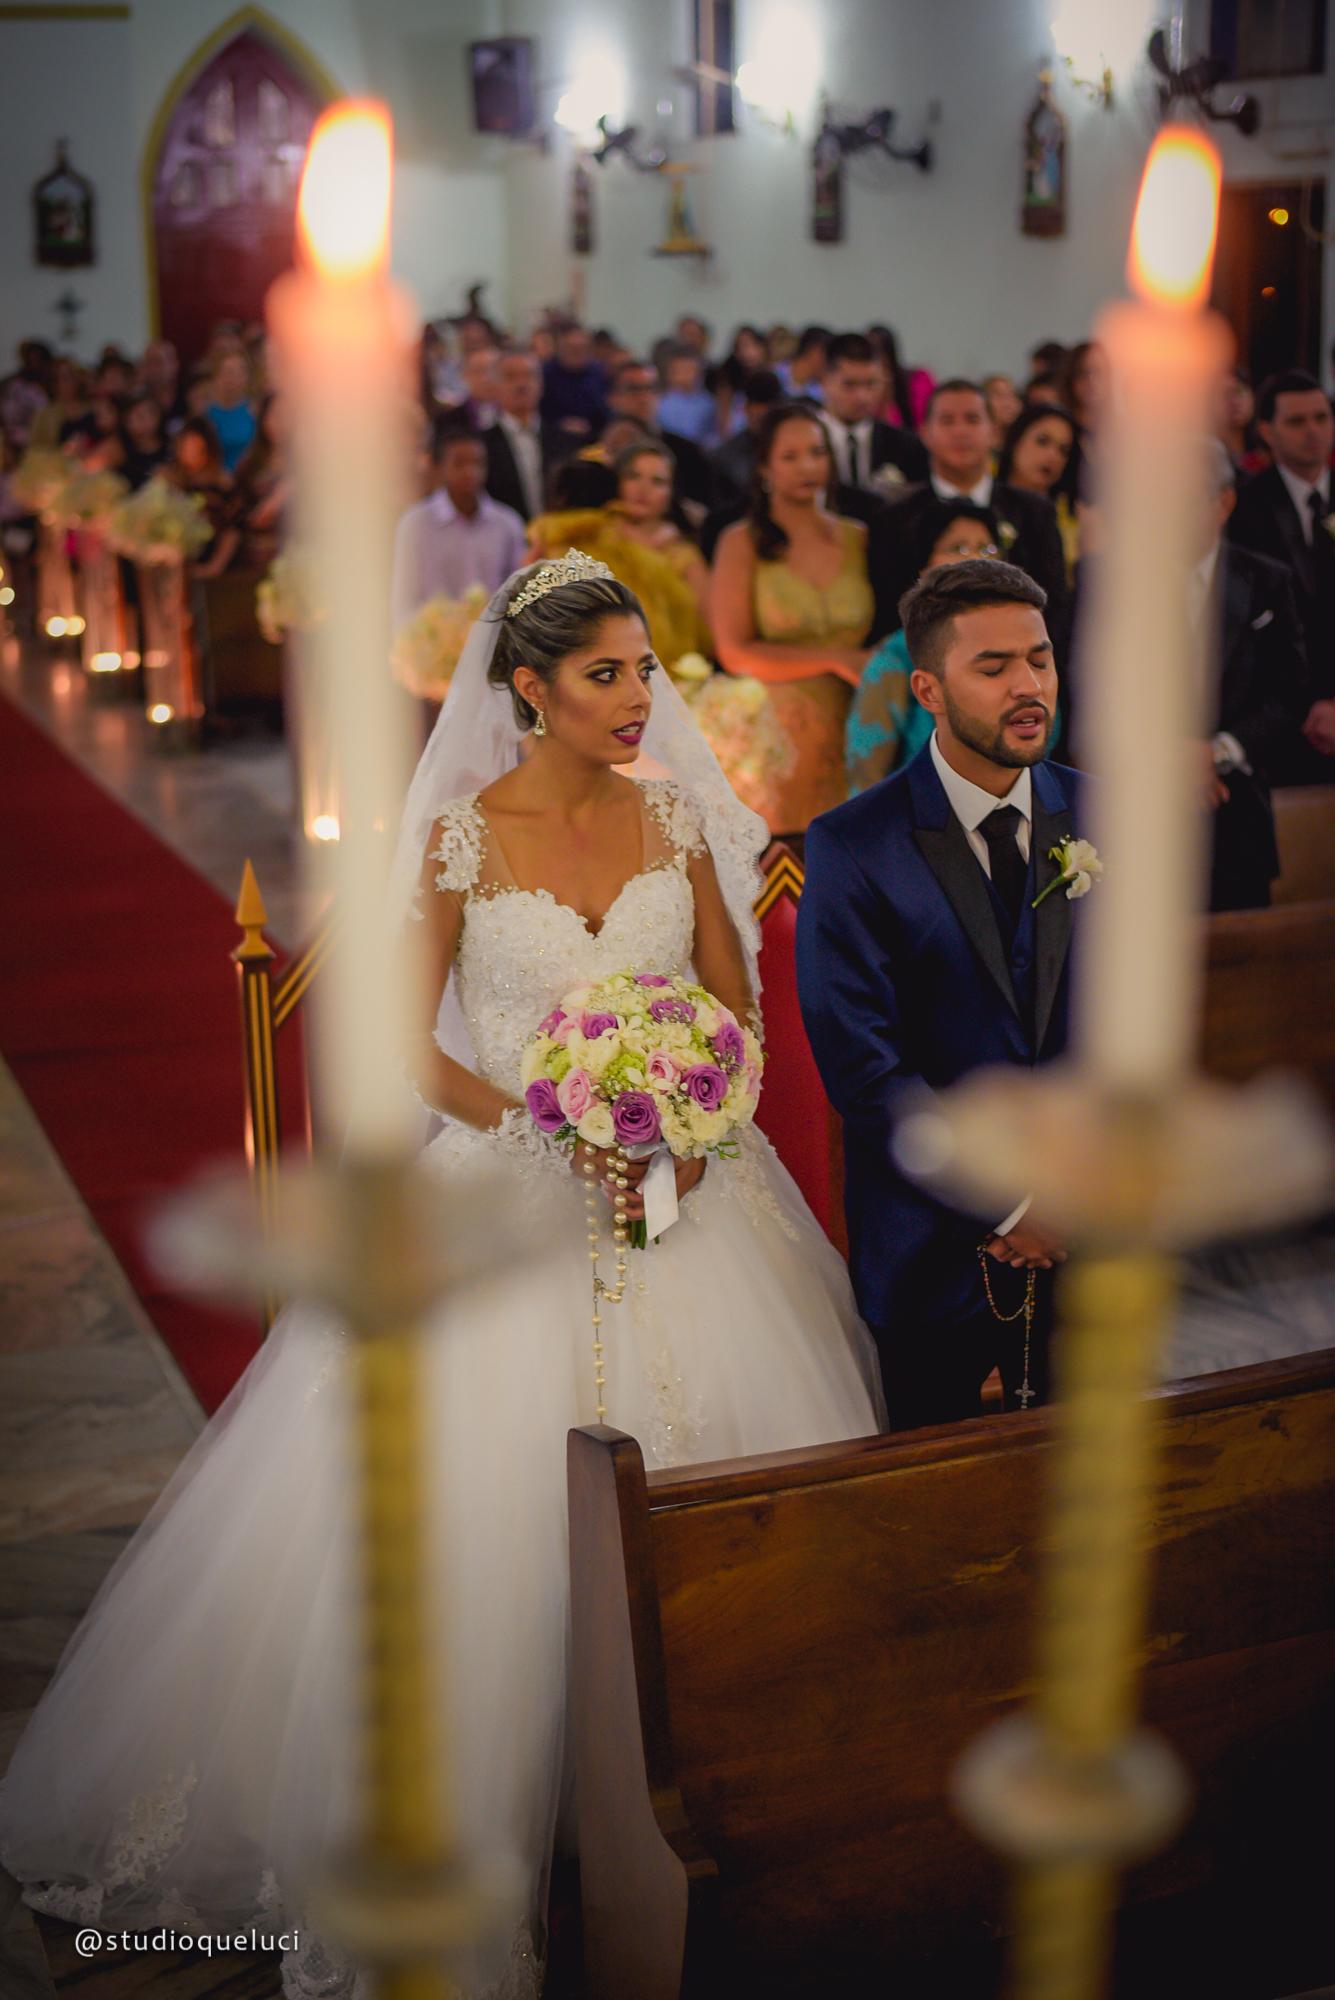 fotografo de casamento rio de janeiro (34)